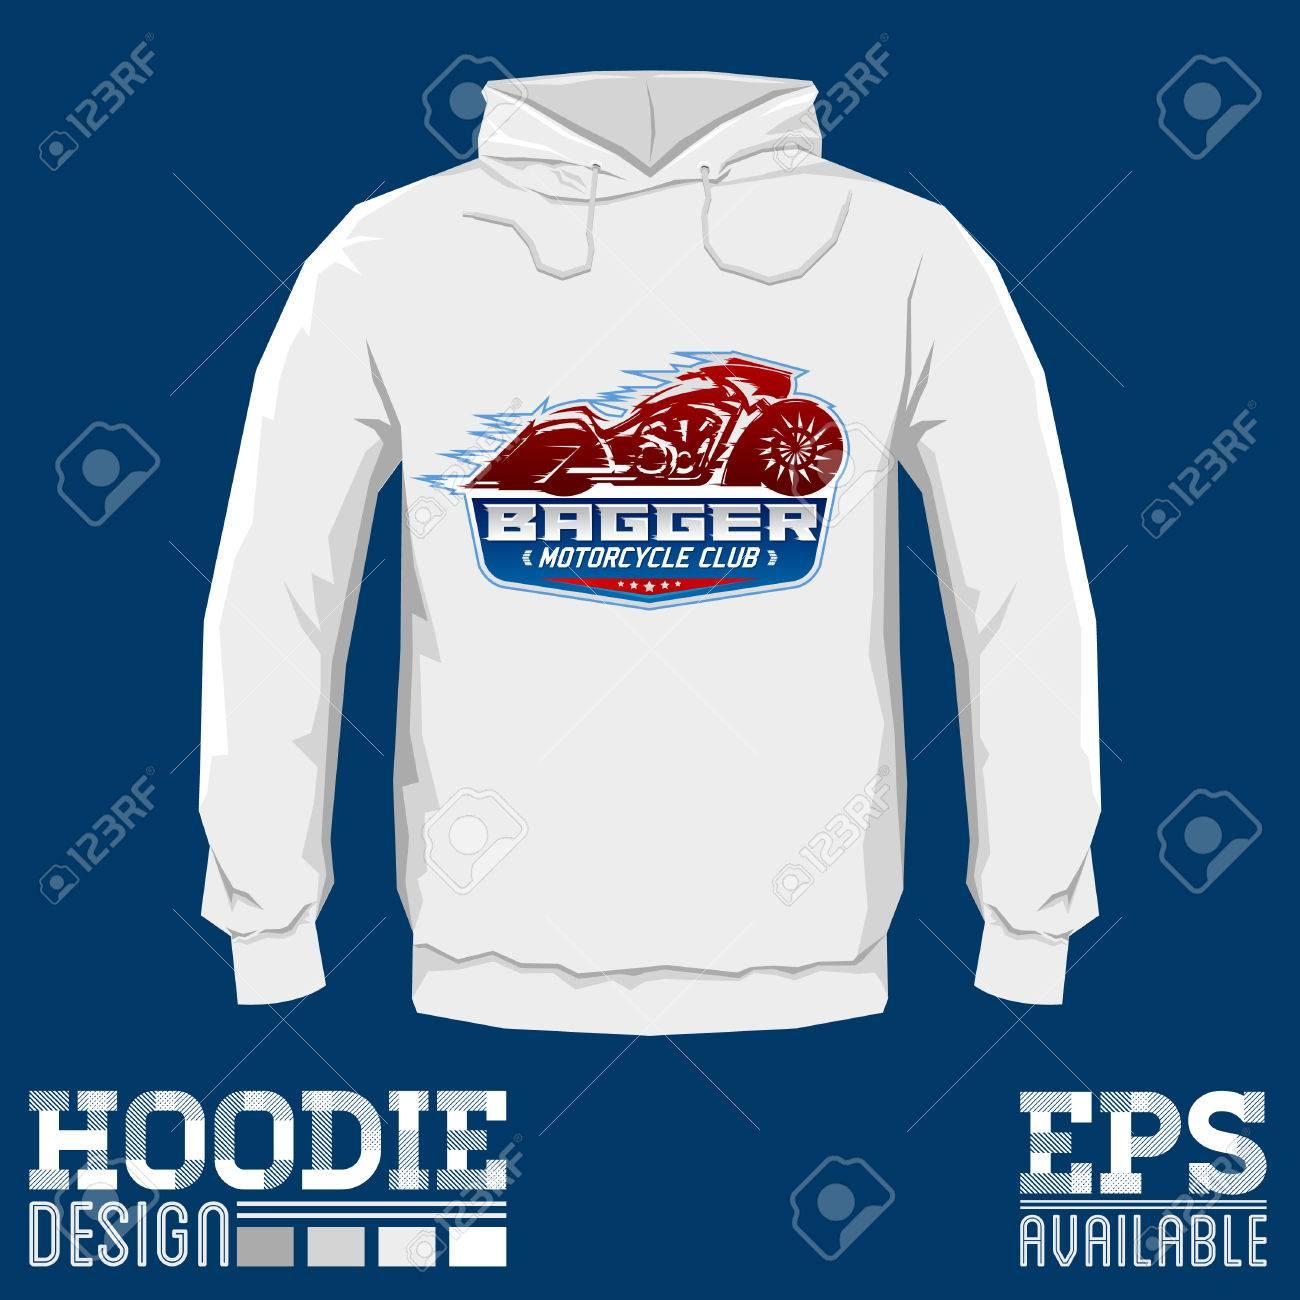 Bagger Motorcycle Club Vector Hoodie Print Design, Sweatshirt ...